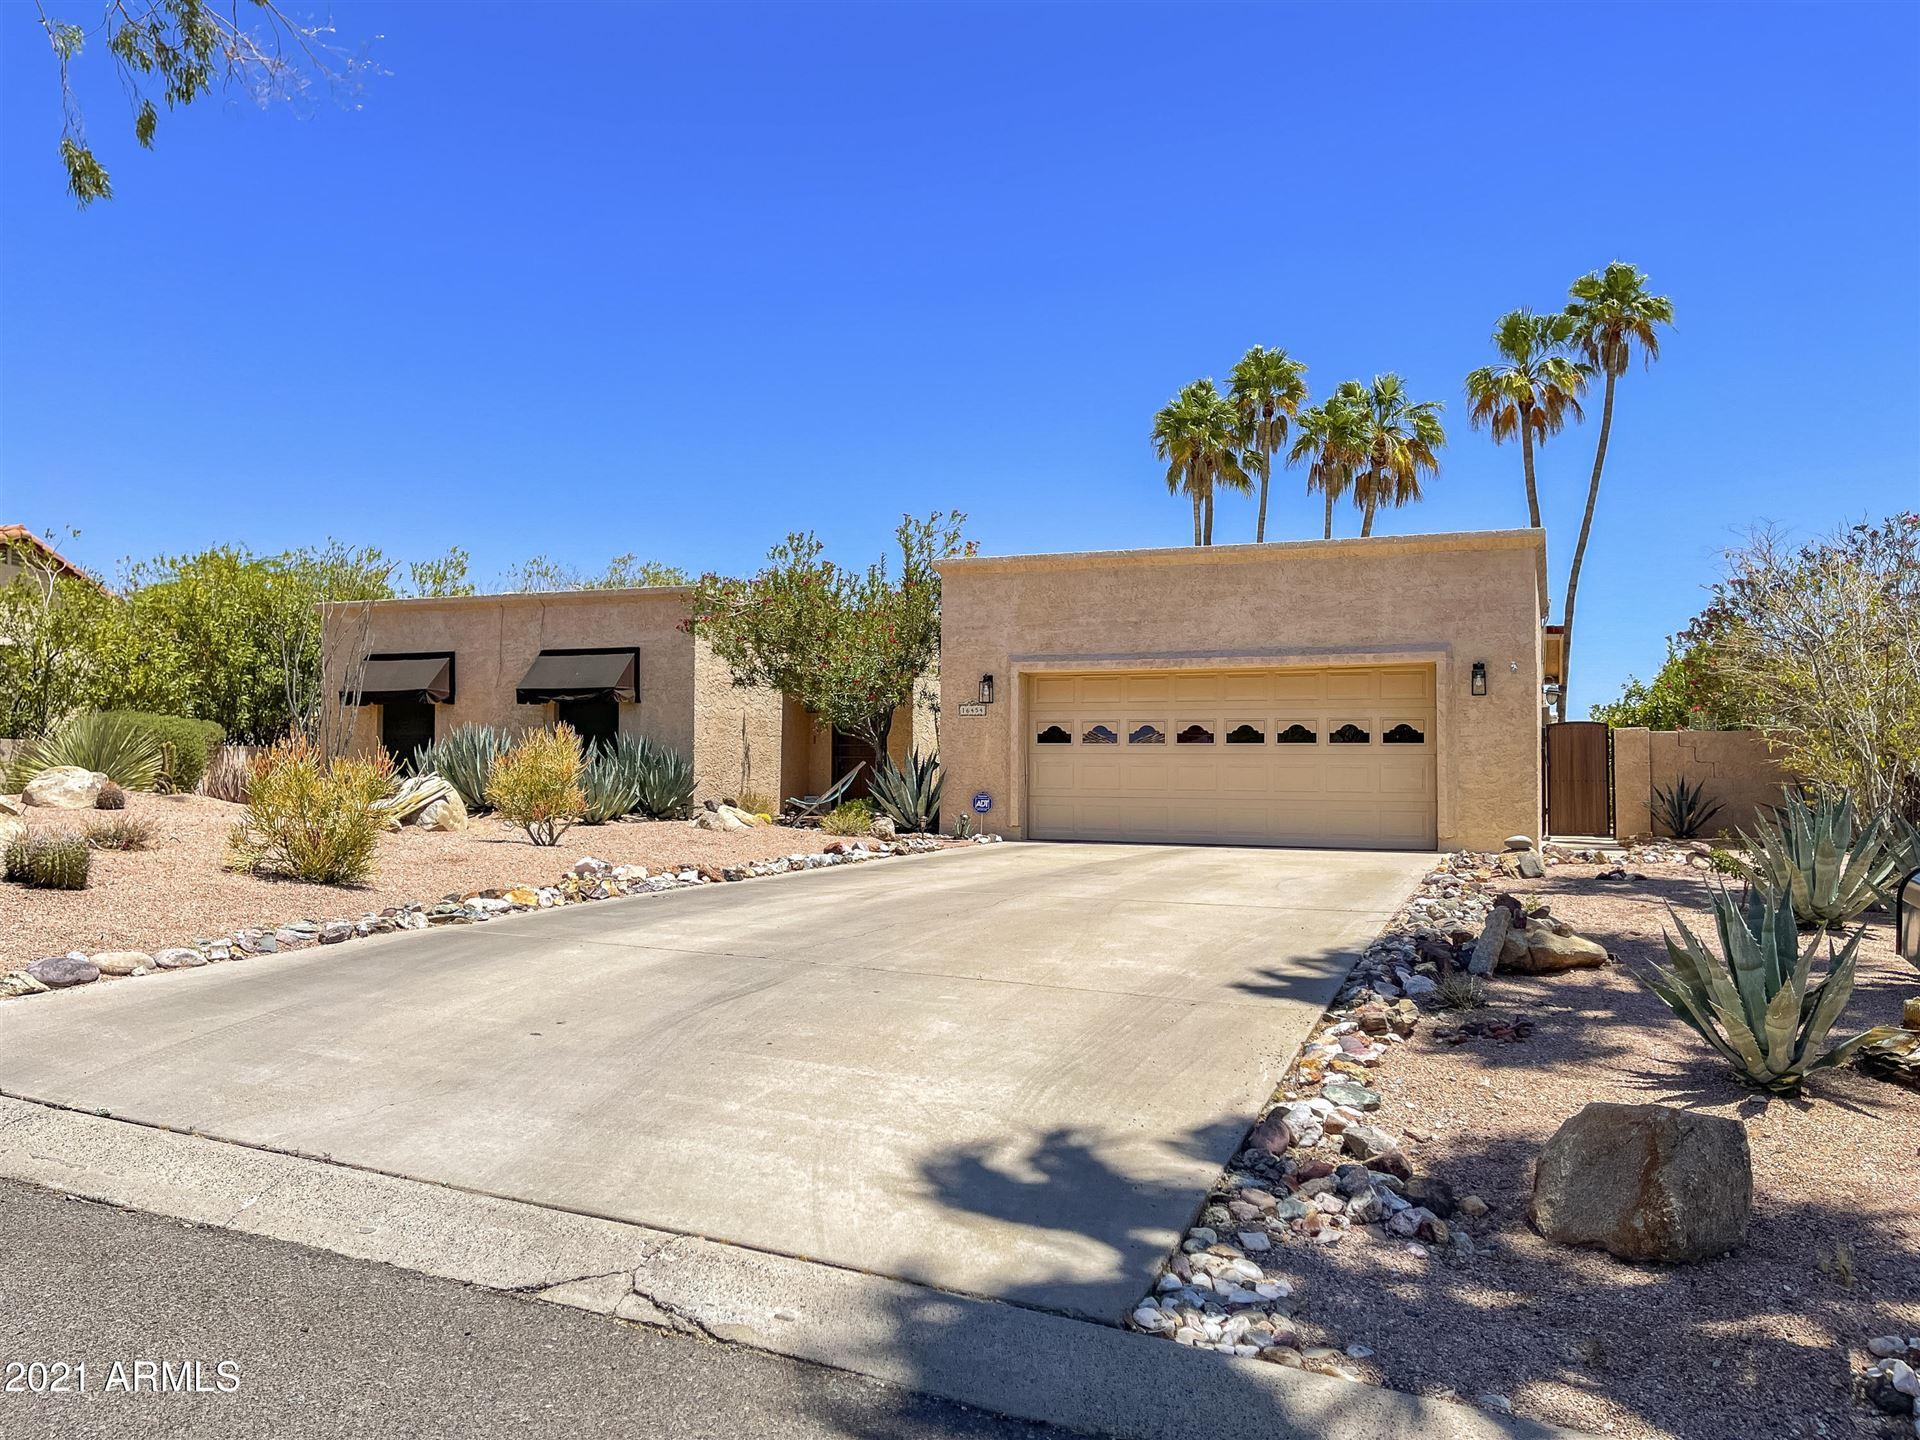 Photo of 16454 E BAINBRIDGE Avenue, Fountain Hills, AZ 85268 (MLS # 6263291)